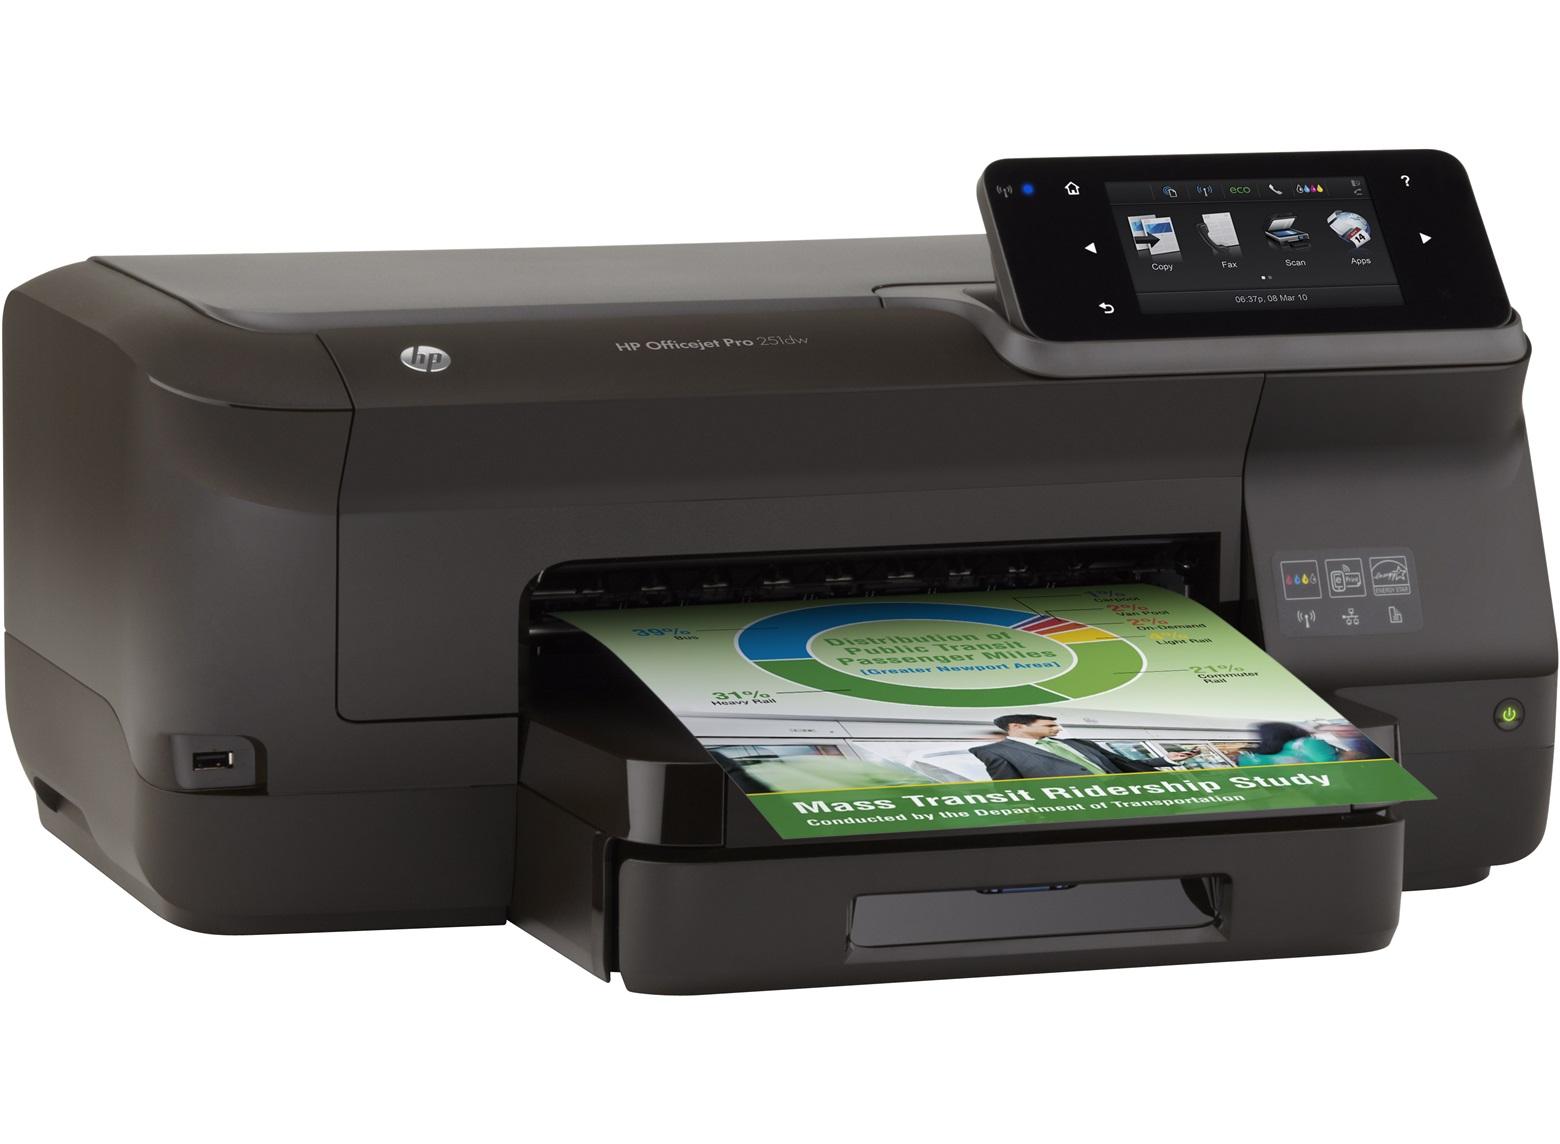 HP Officejet Pro 251dw /A4, 20/15ppm,USB,LAN,WLAN